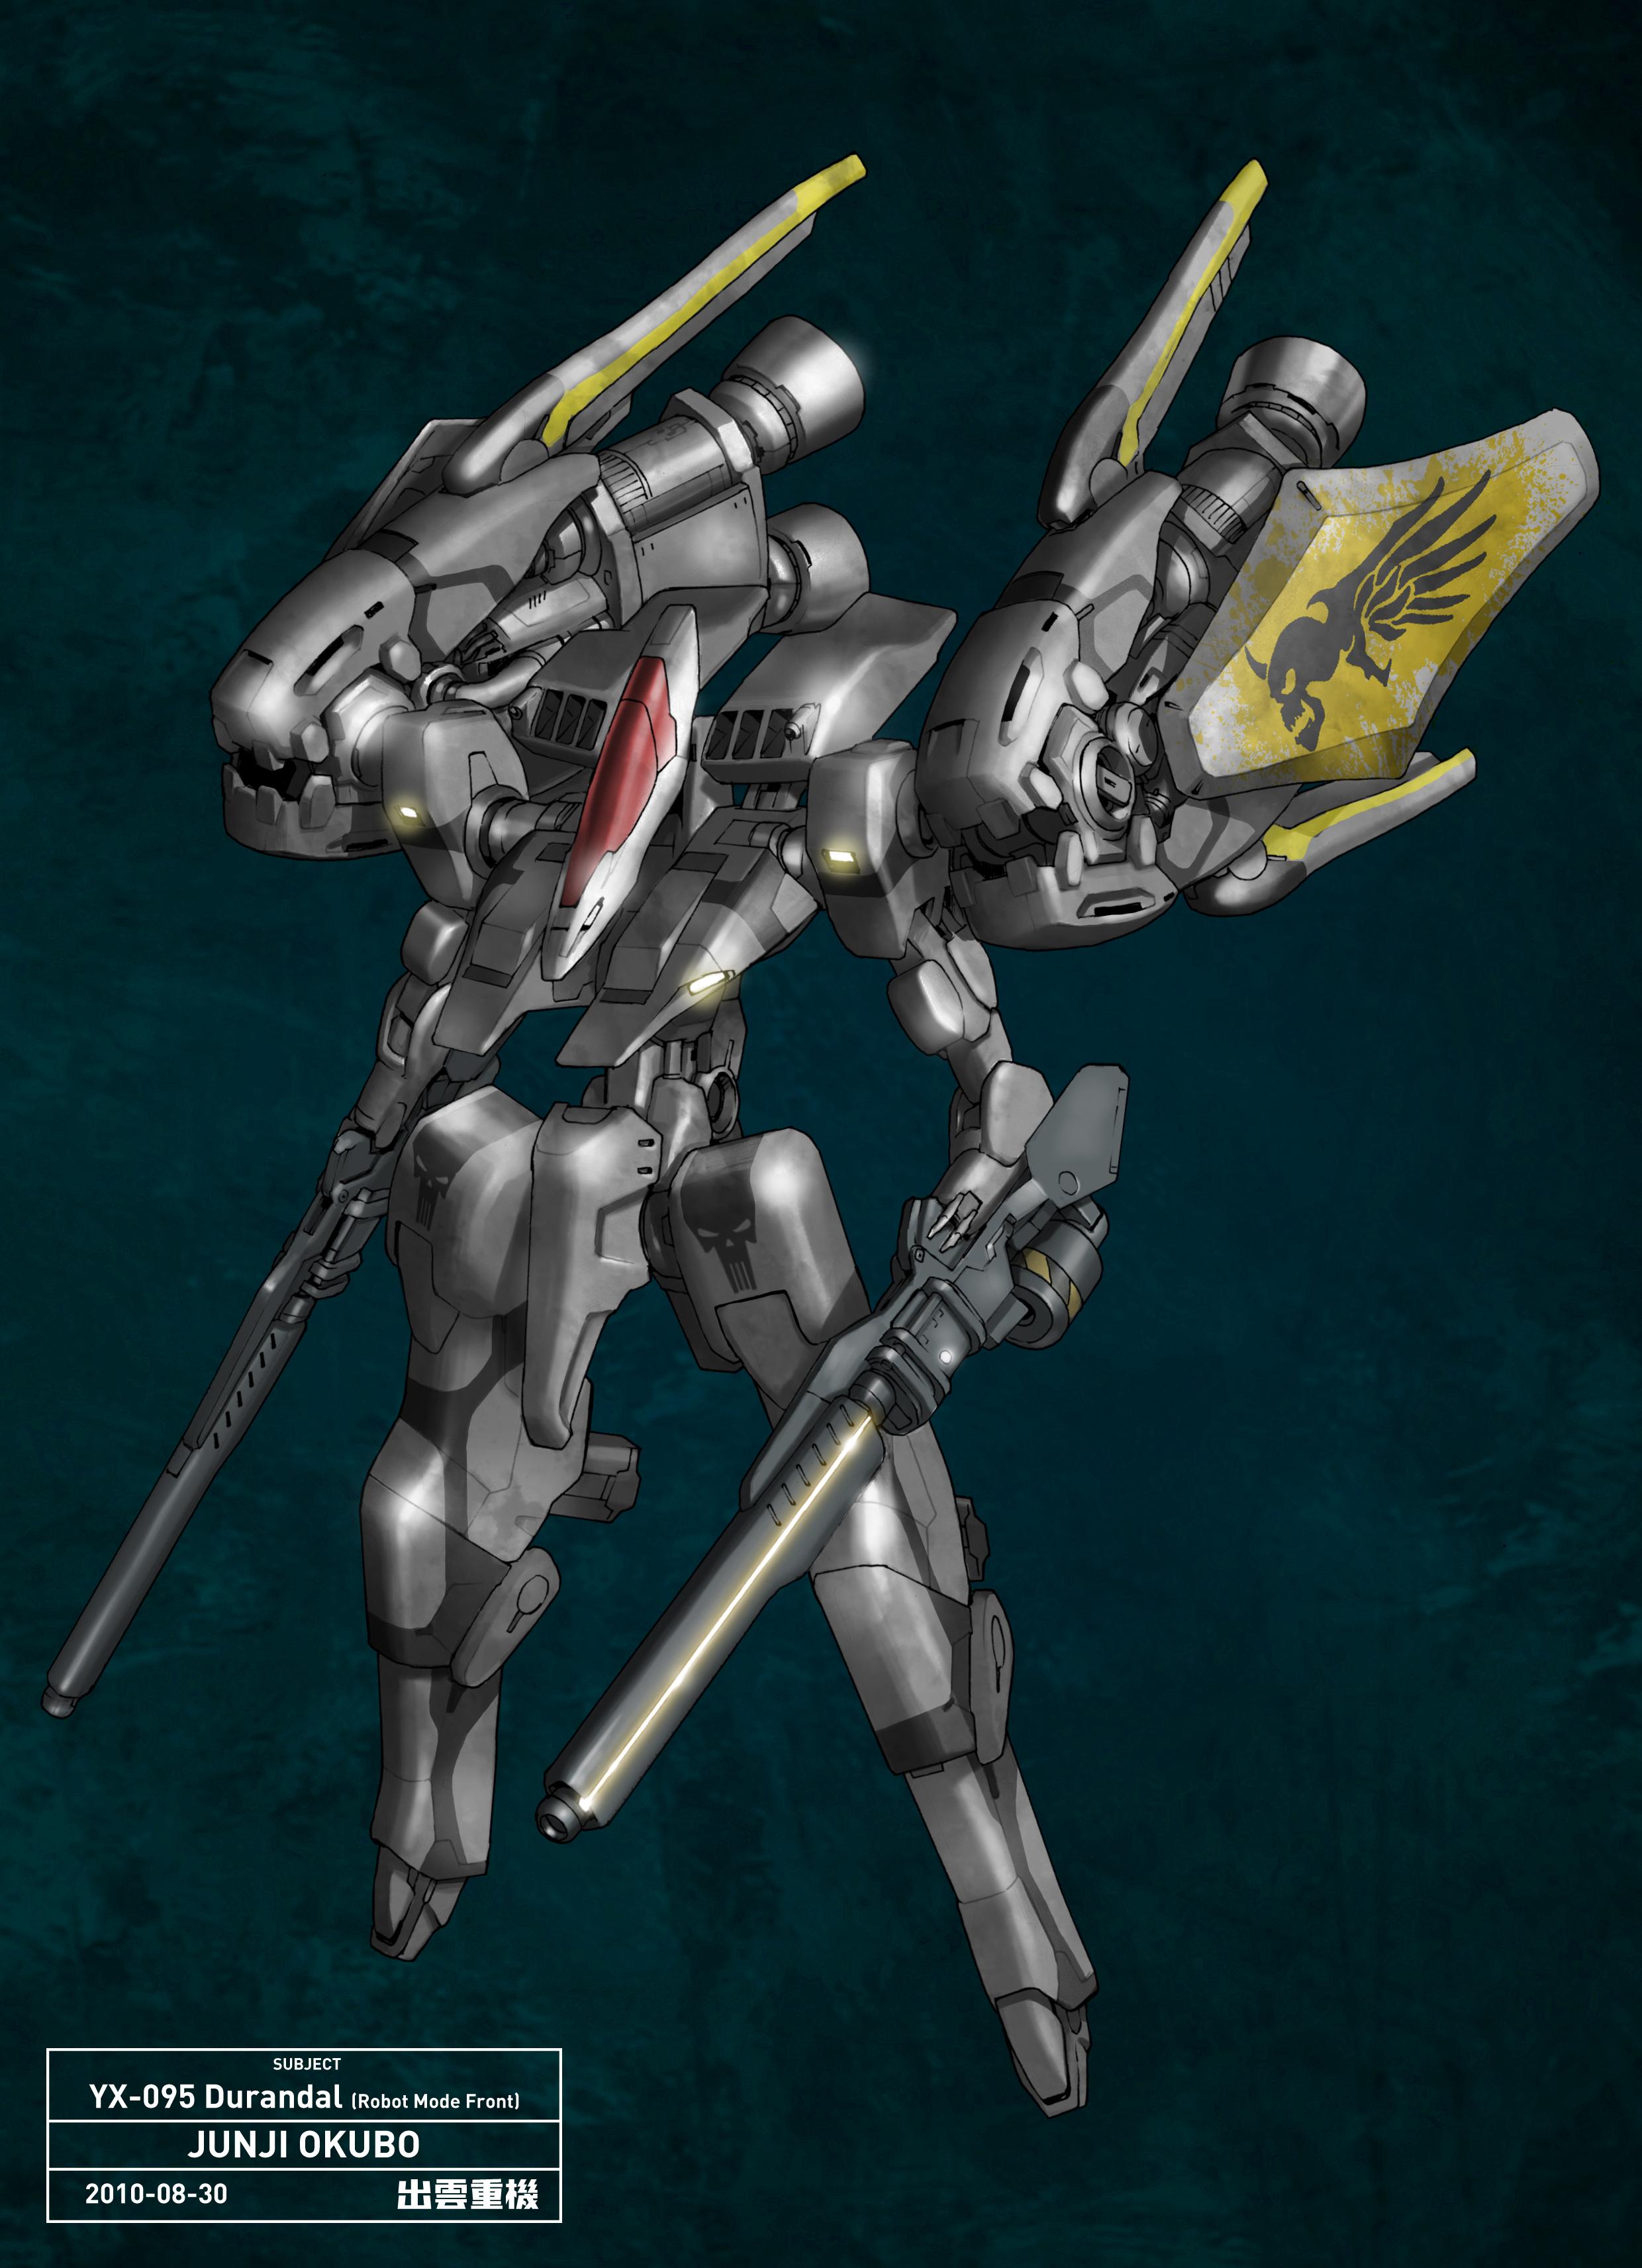 SSZ_Artwork_Strike-Suit-1